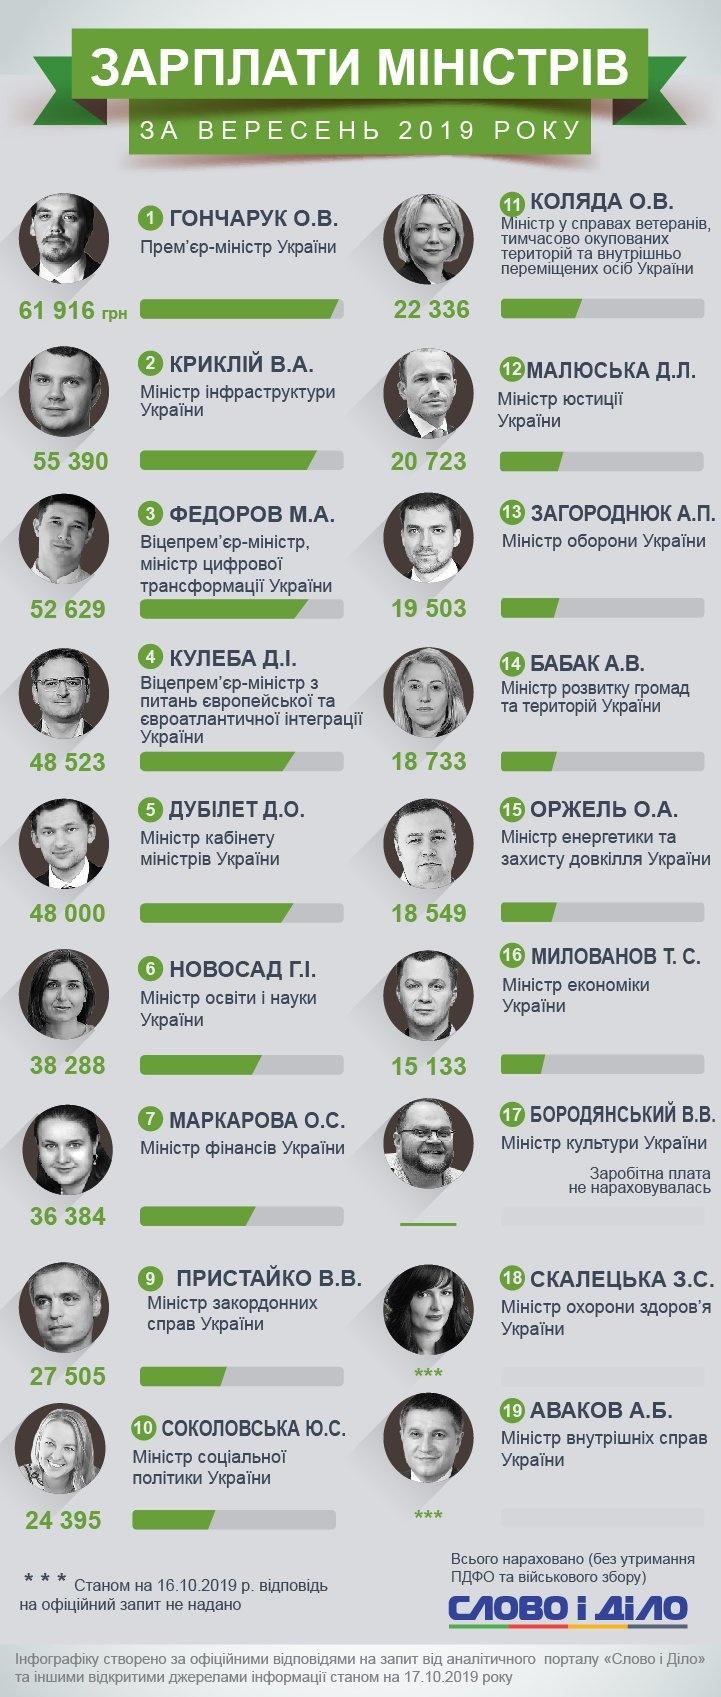 Зарплаты министров за октябрь 2019 года. Инфографика: slovoidilo.ua